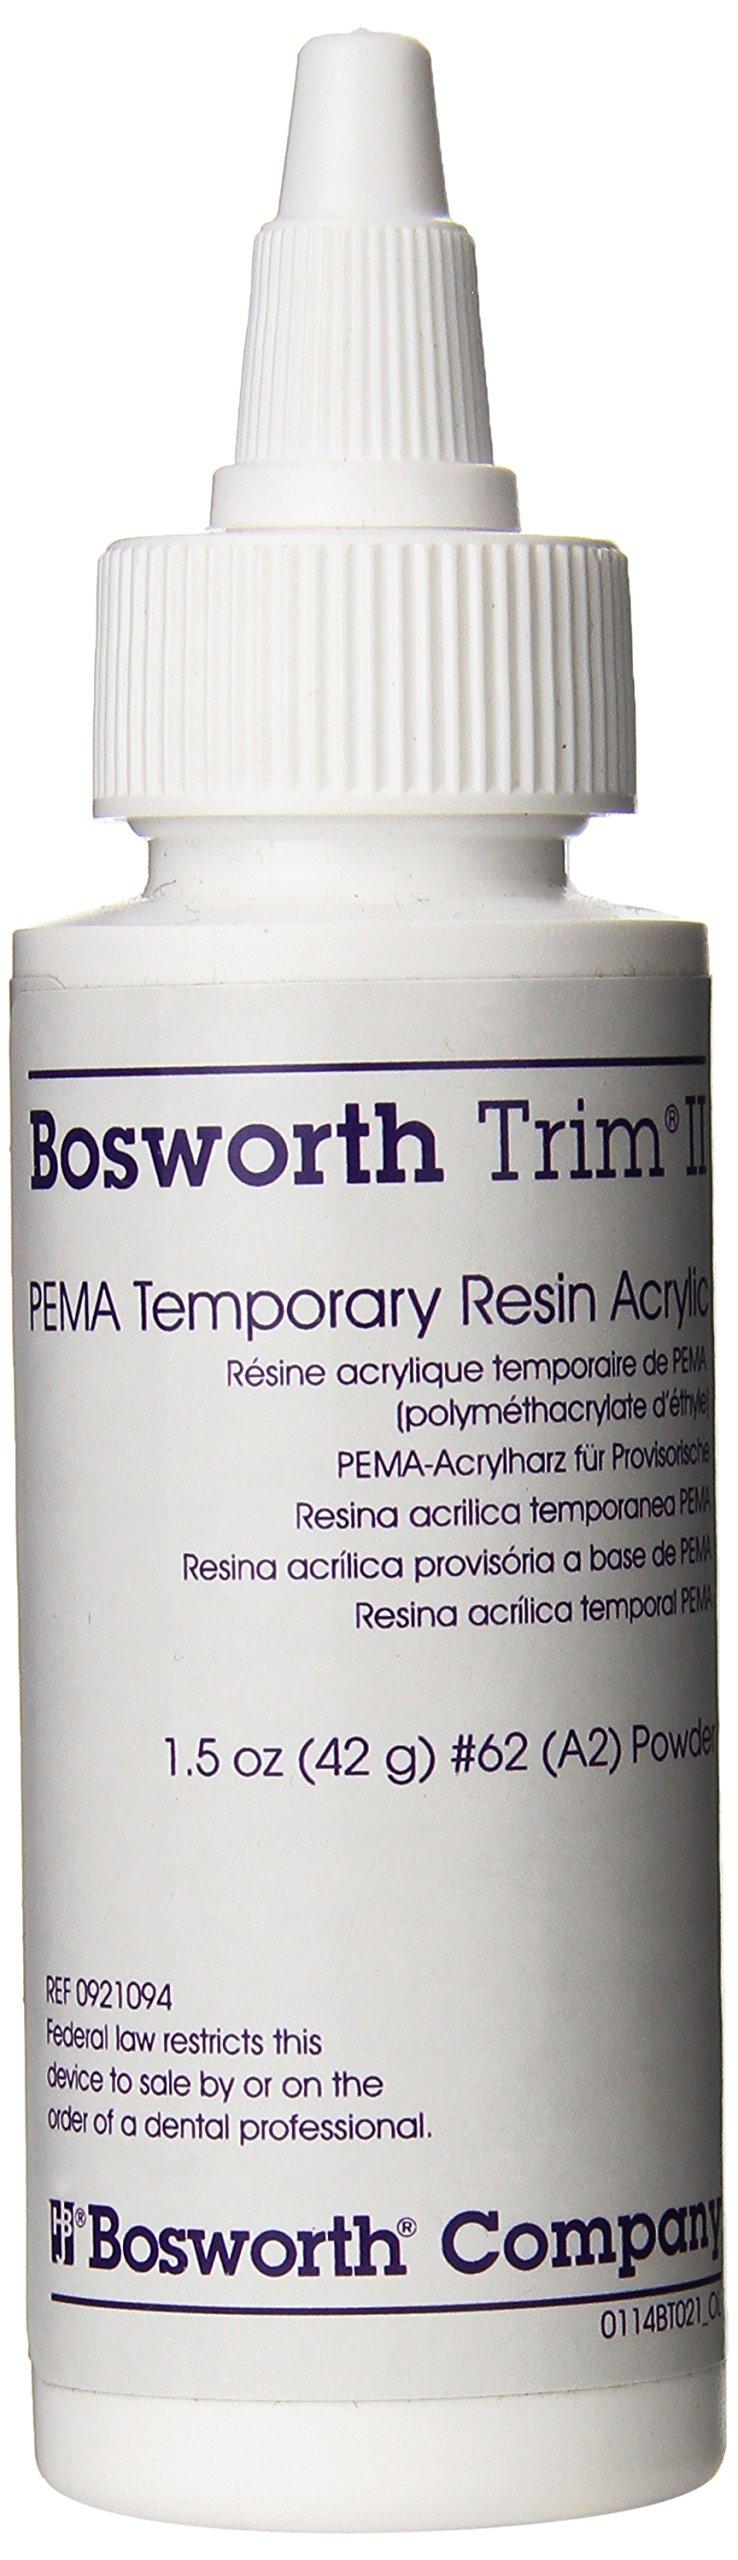 Bosworth 0921094 Trim II Powder, Shade A2, 1.5 oz Capacity